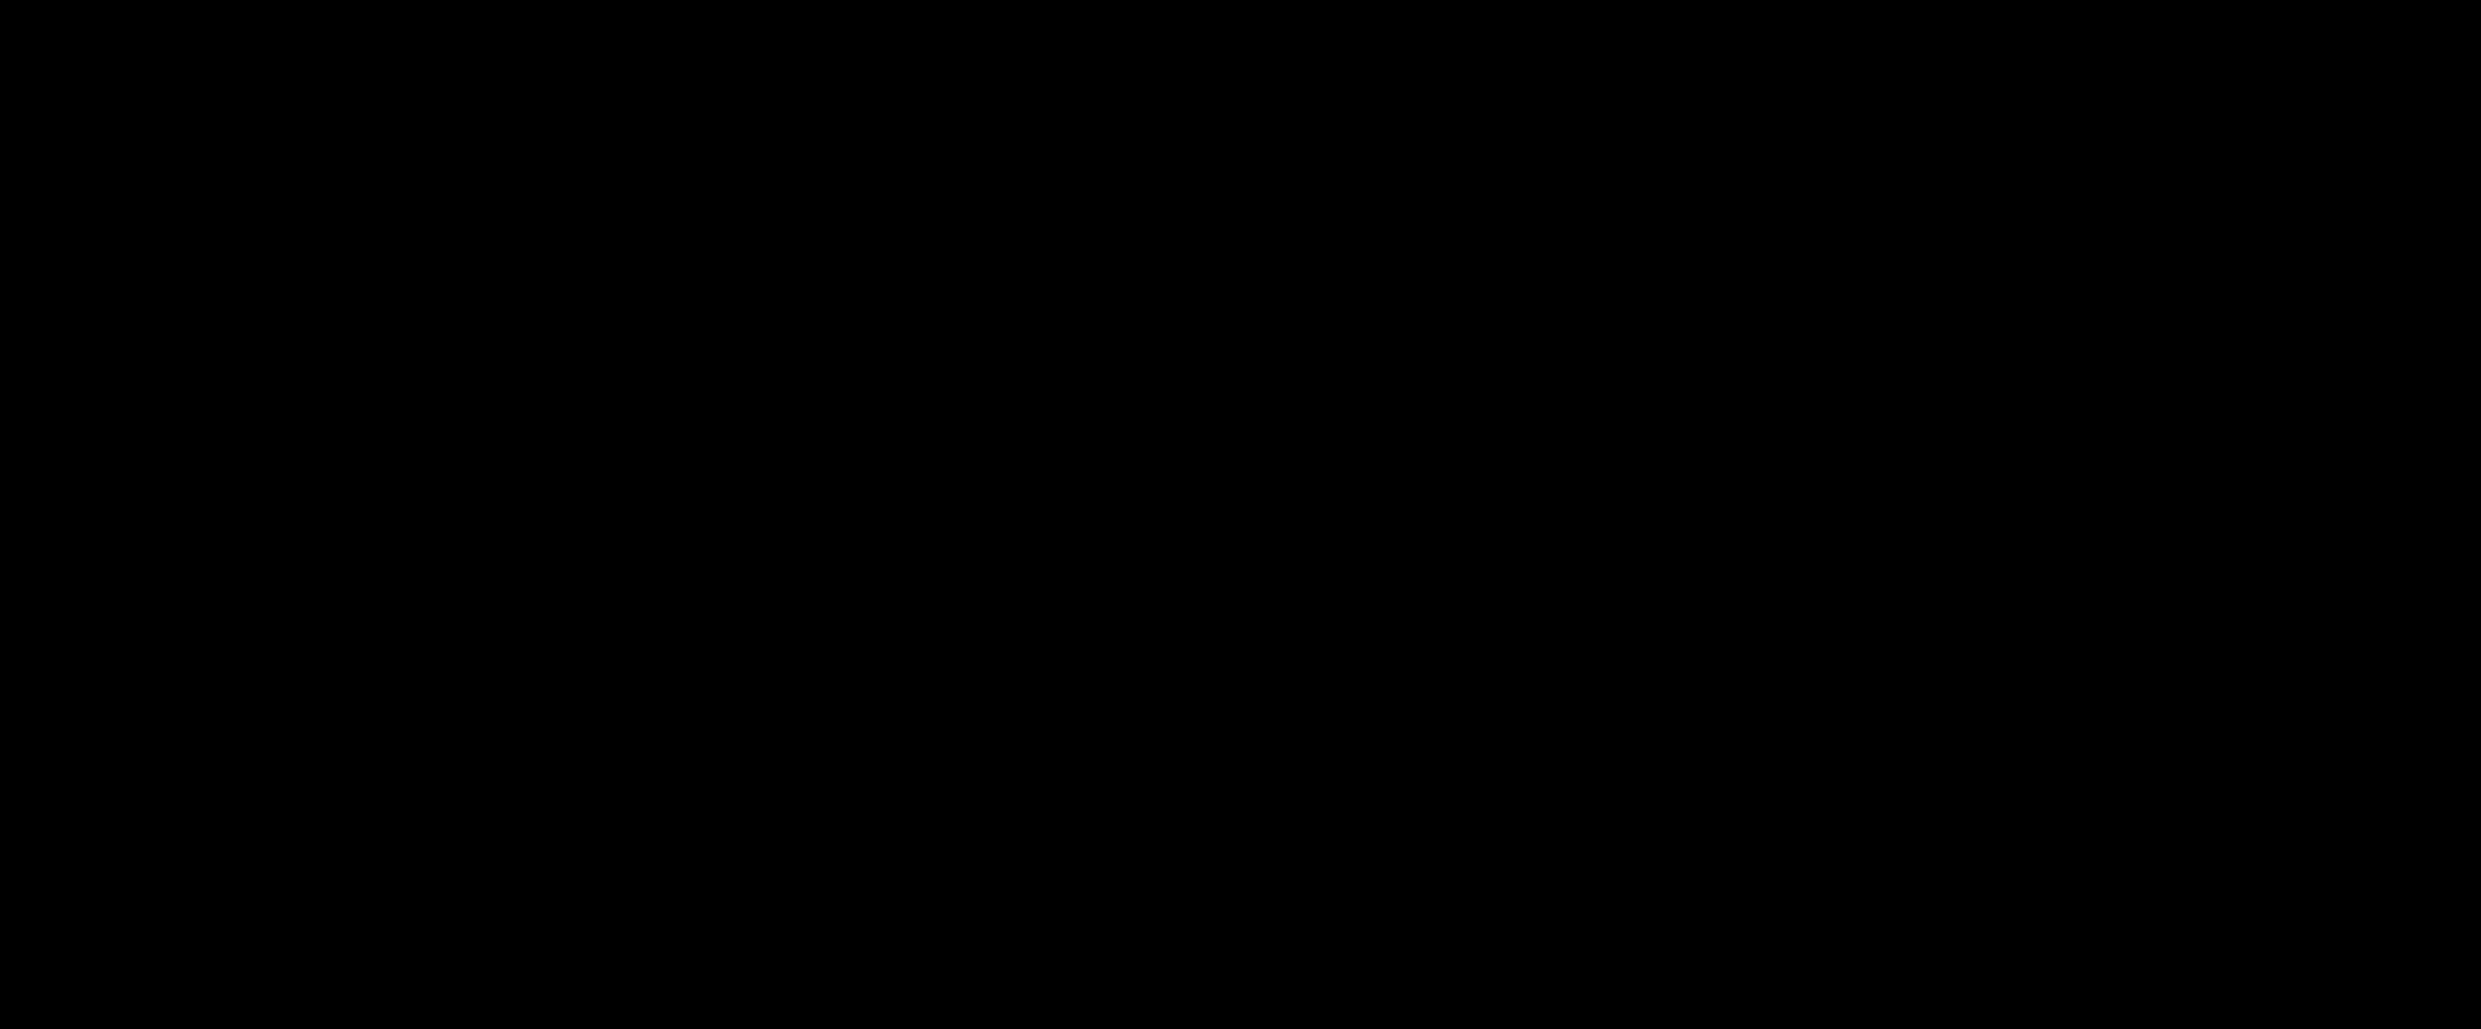 bbdnitm_aero_tech_talk_on_swayam_14_feb_2019